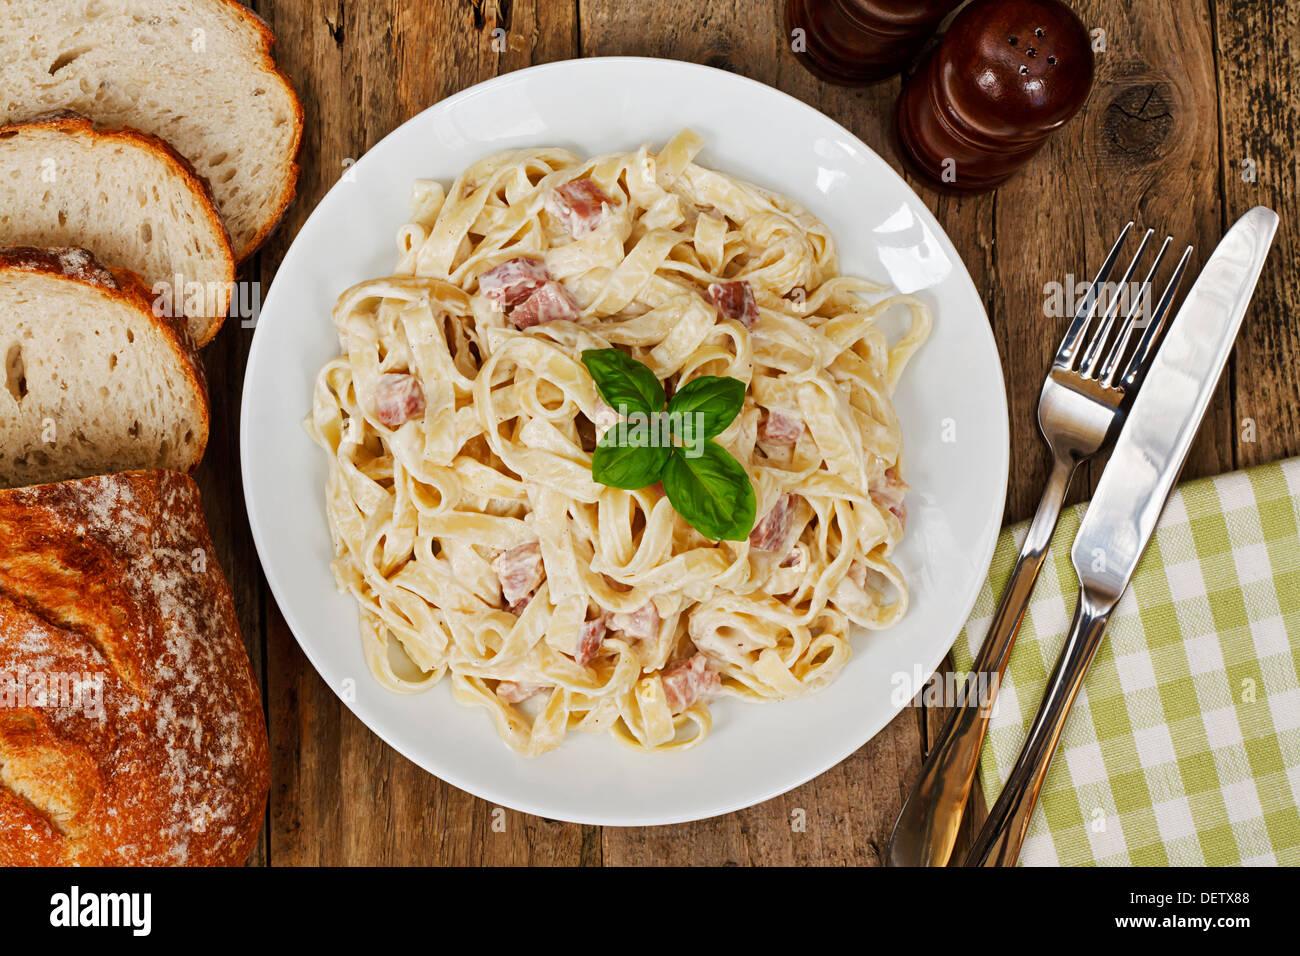 Draufsicht auf einen Teller Tagliatelle Carbonara, italienische Küche in einem traditionellen Restaurant Ambiente Stockbild